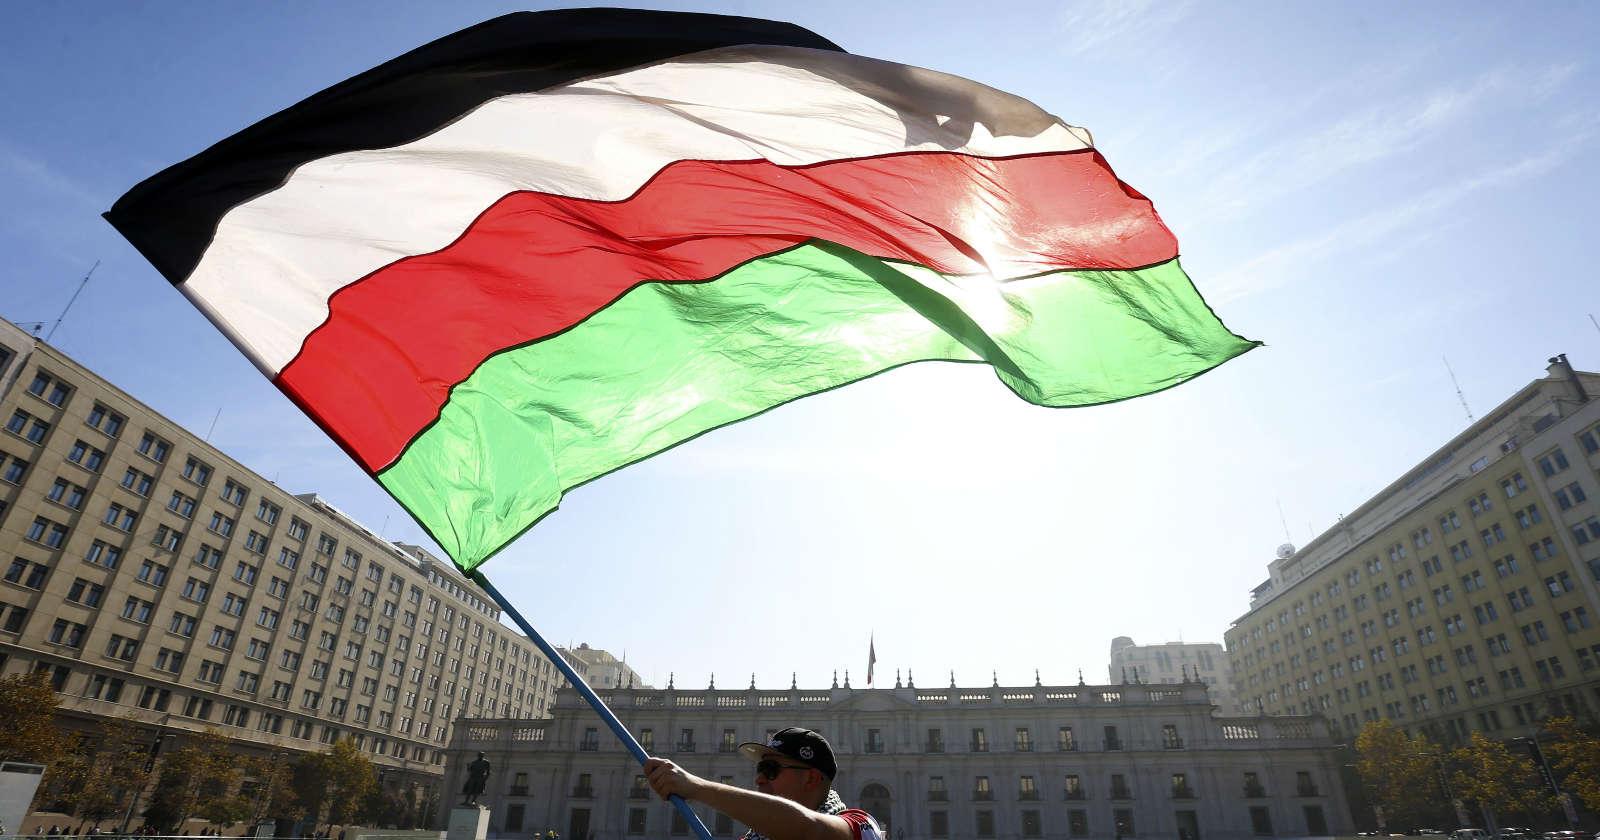 Envían carta al Presidente Piñera para que rechace anexión de Cisjordania